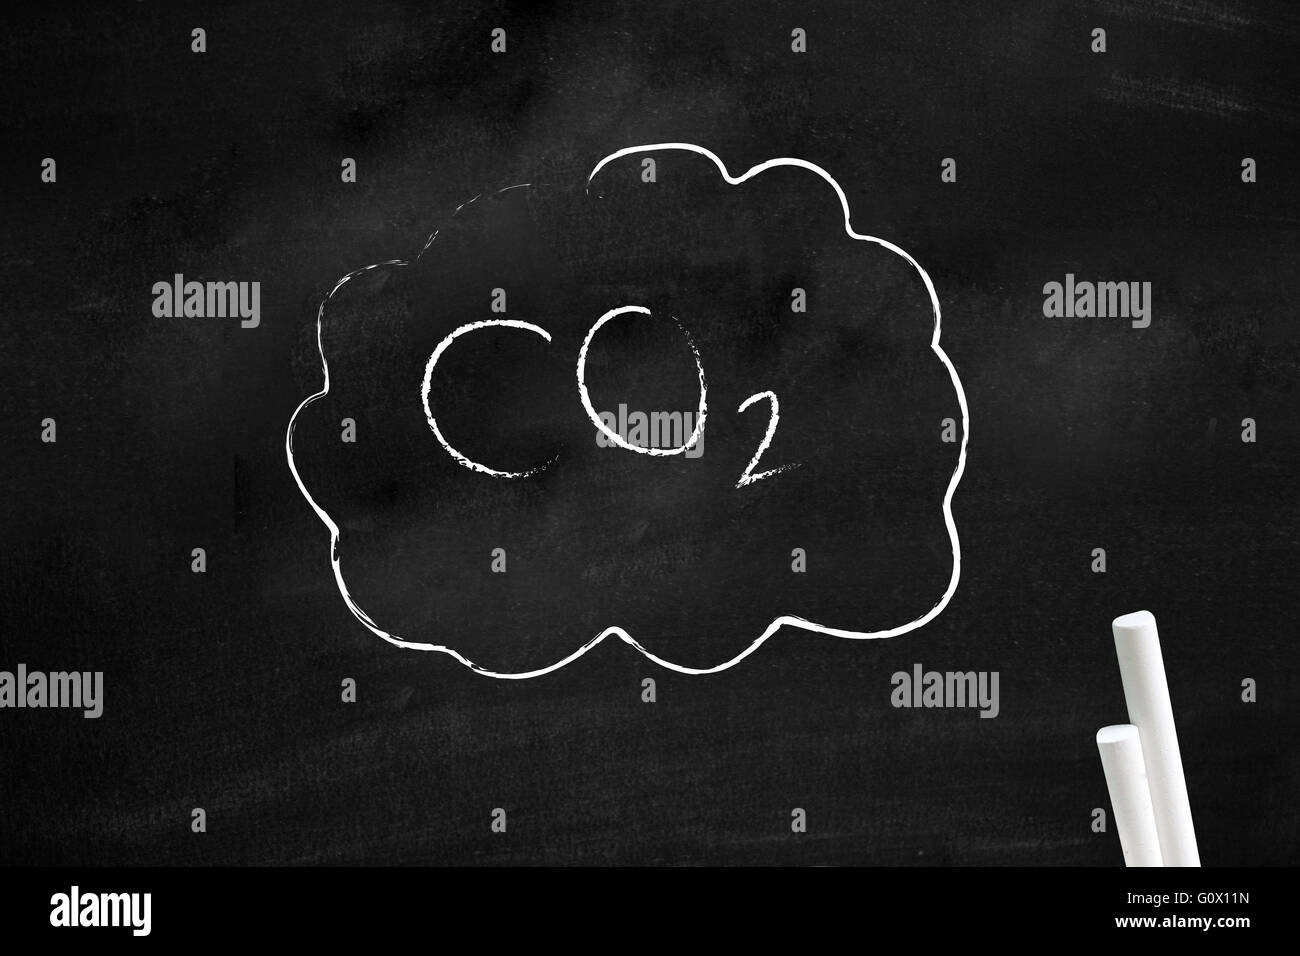 CO2 written on a blackboard - Stock Image